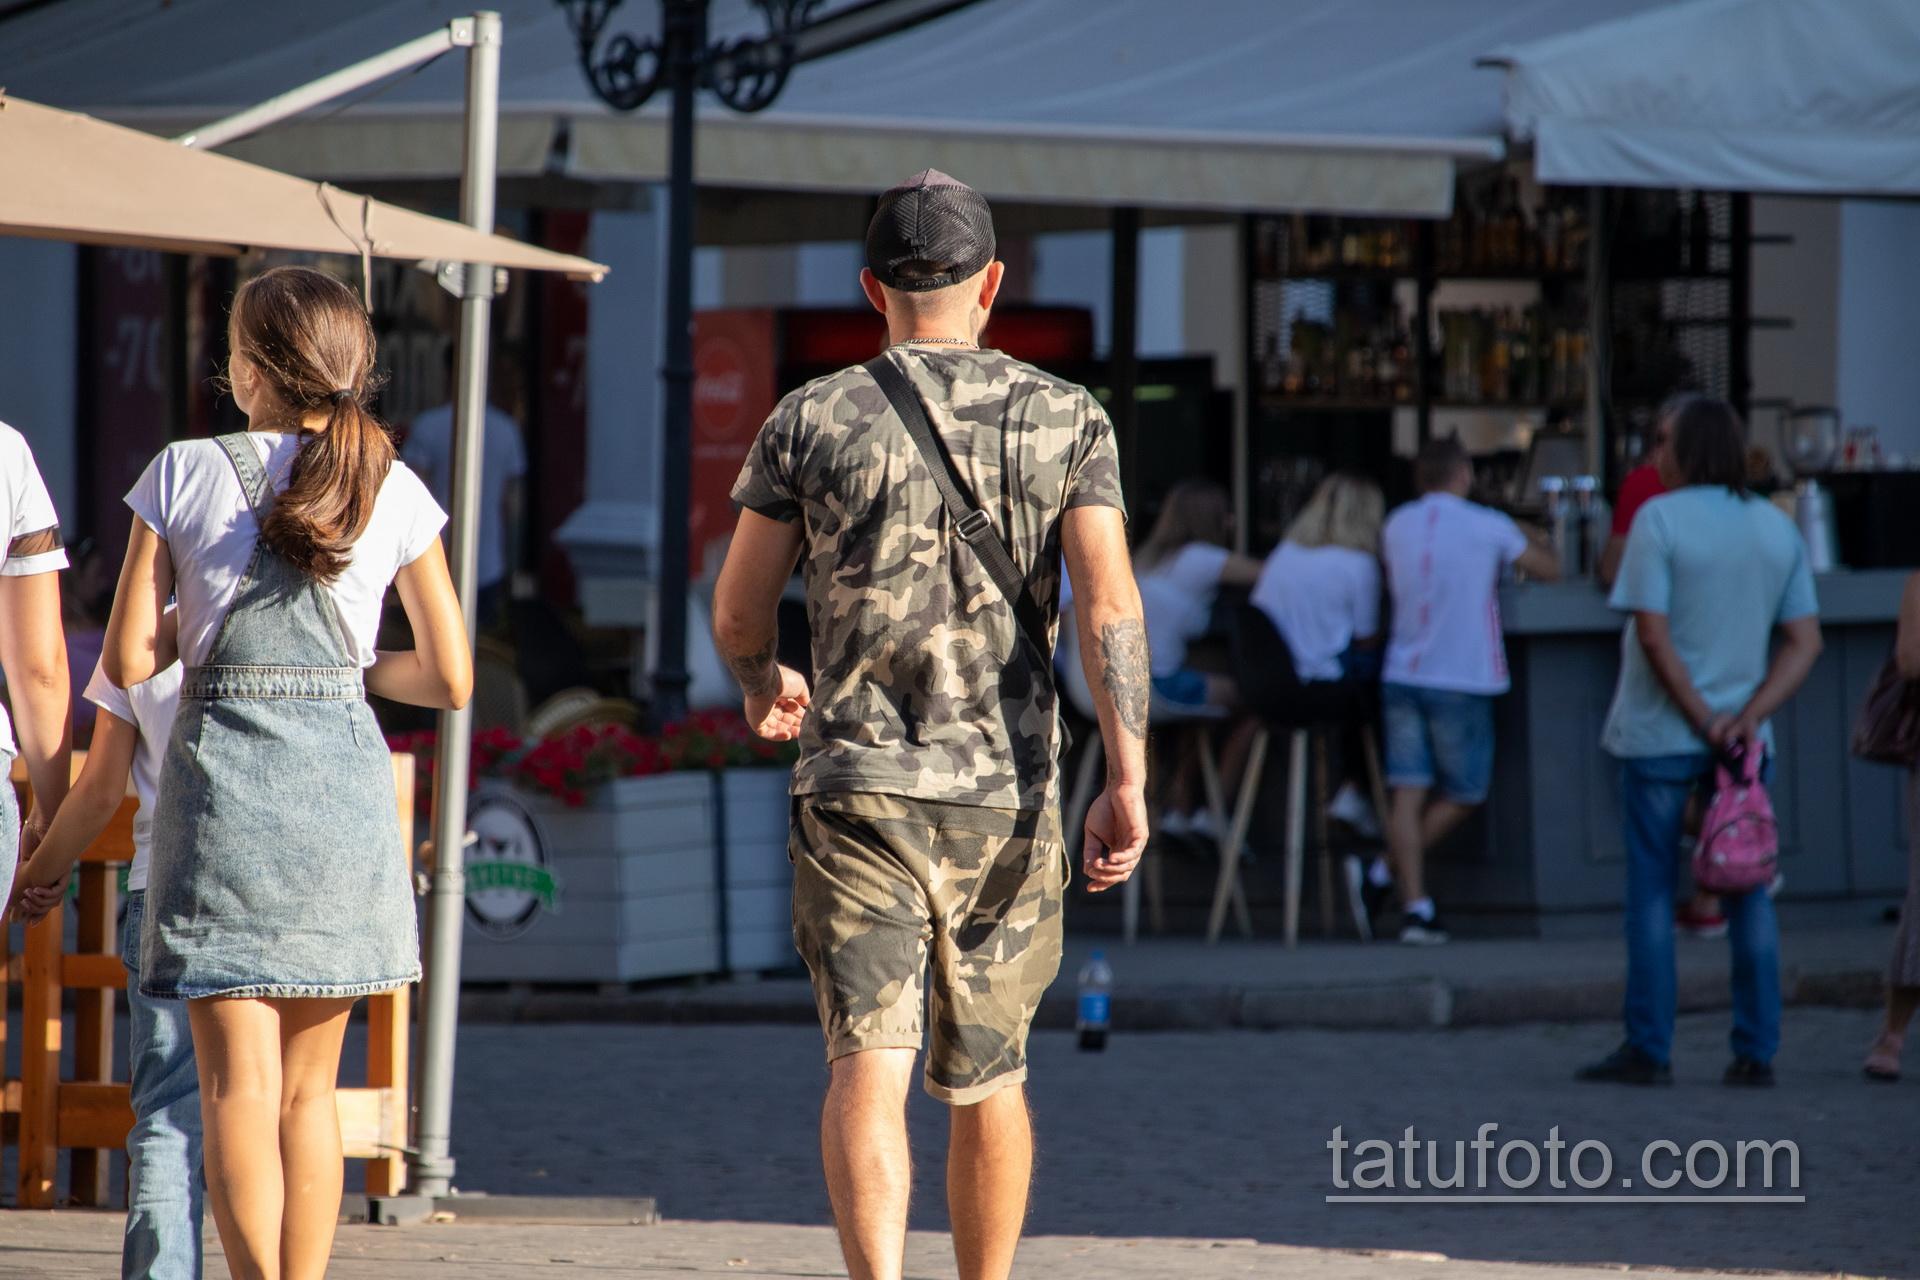 Биомеханическая татуировка на левой руке мужчины – Уличная татуировка 14.09.2020 – tatufoto.com 1